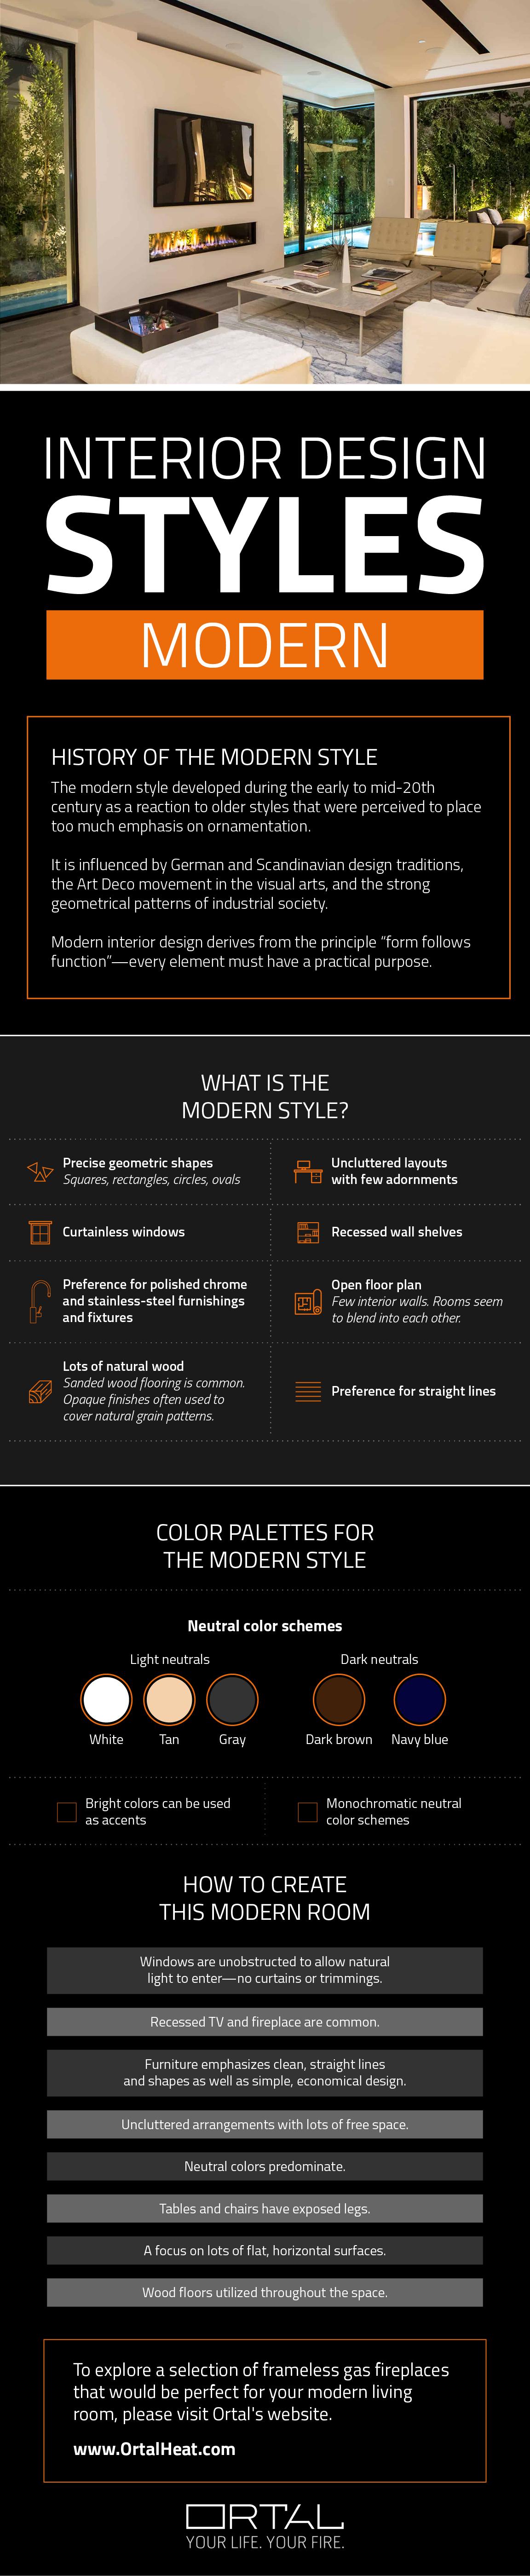 Modern Interior Design Styles Infographic